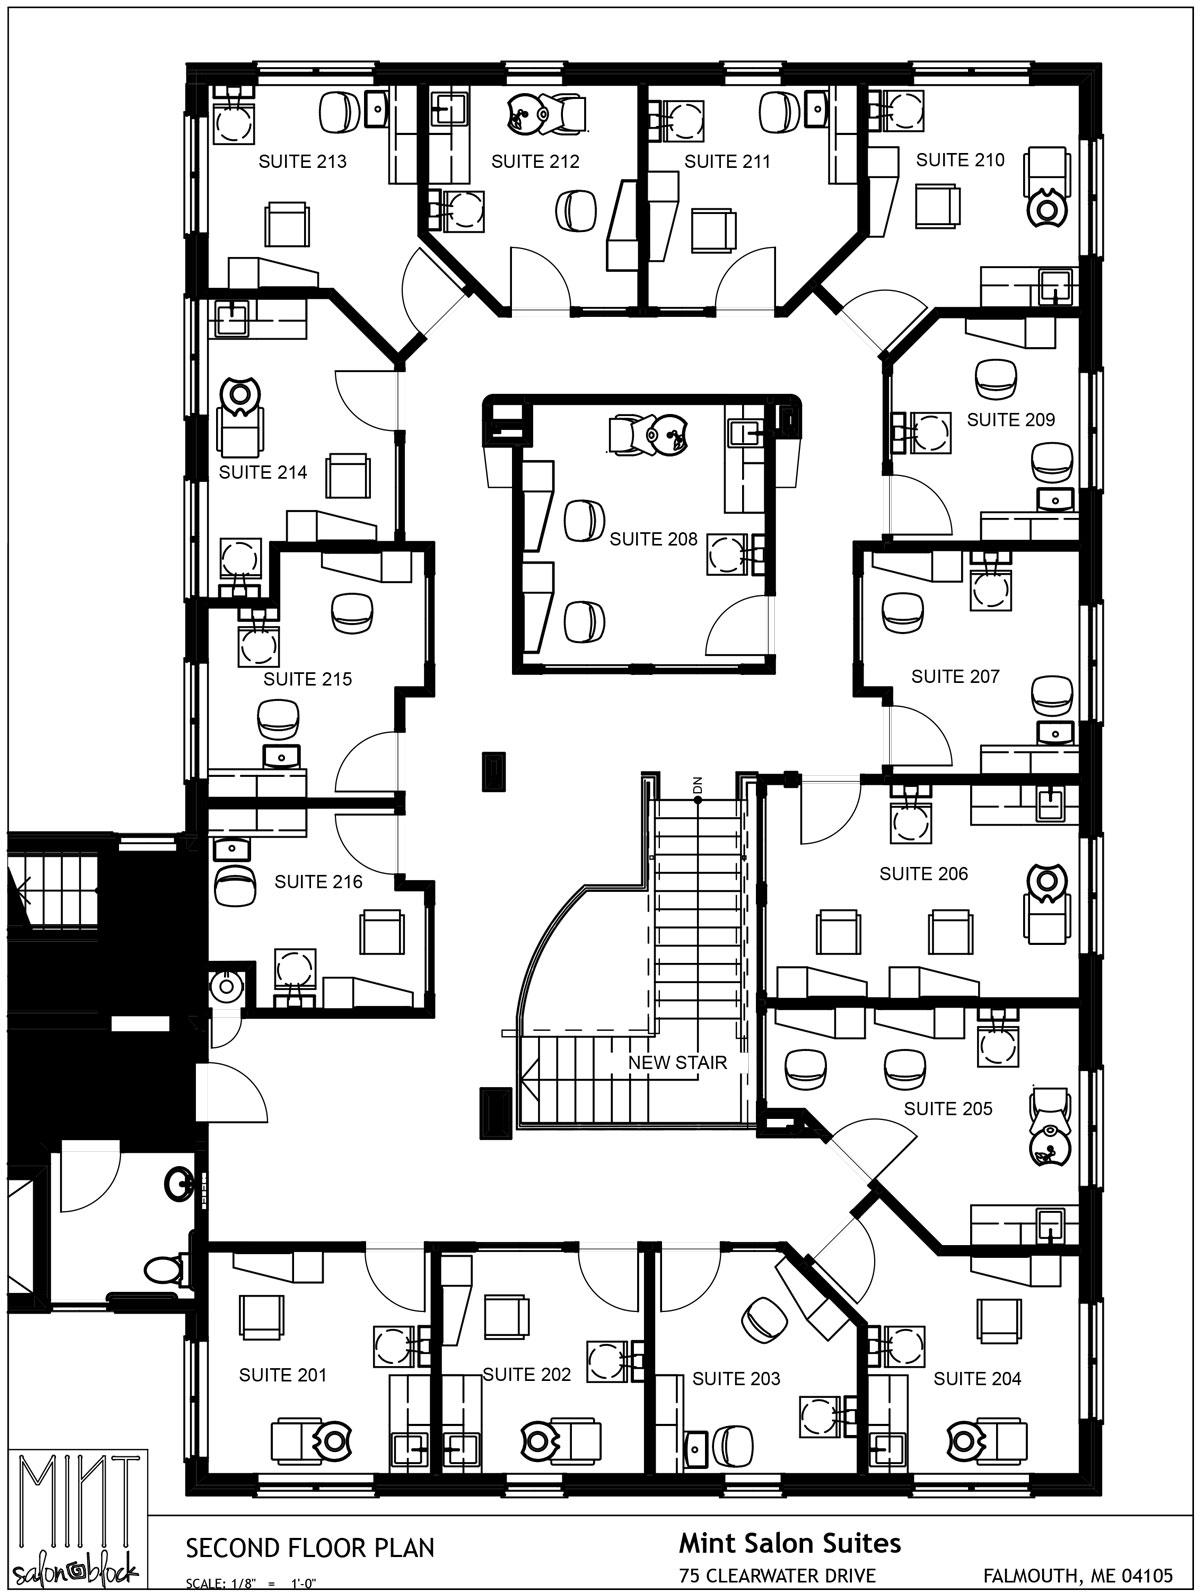 Mint-Second-Floor